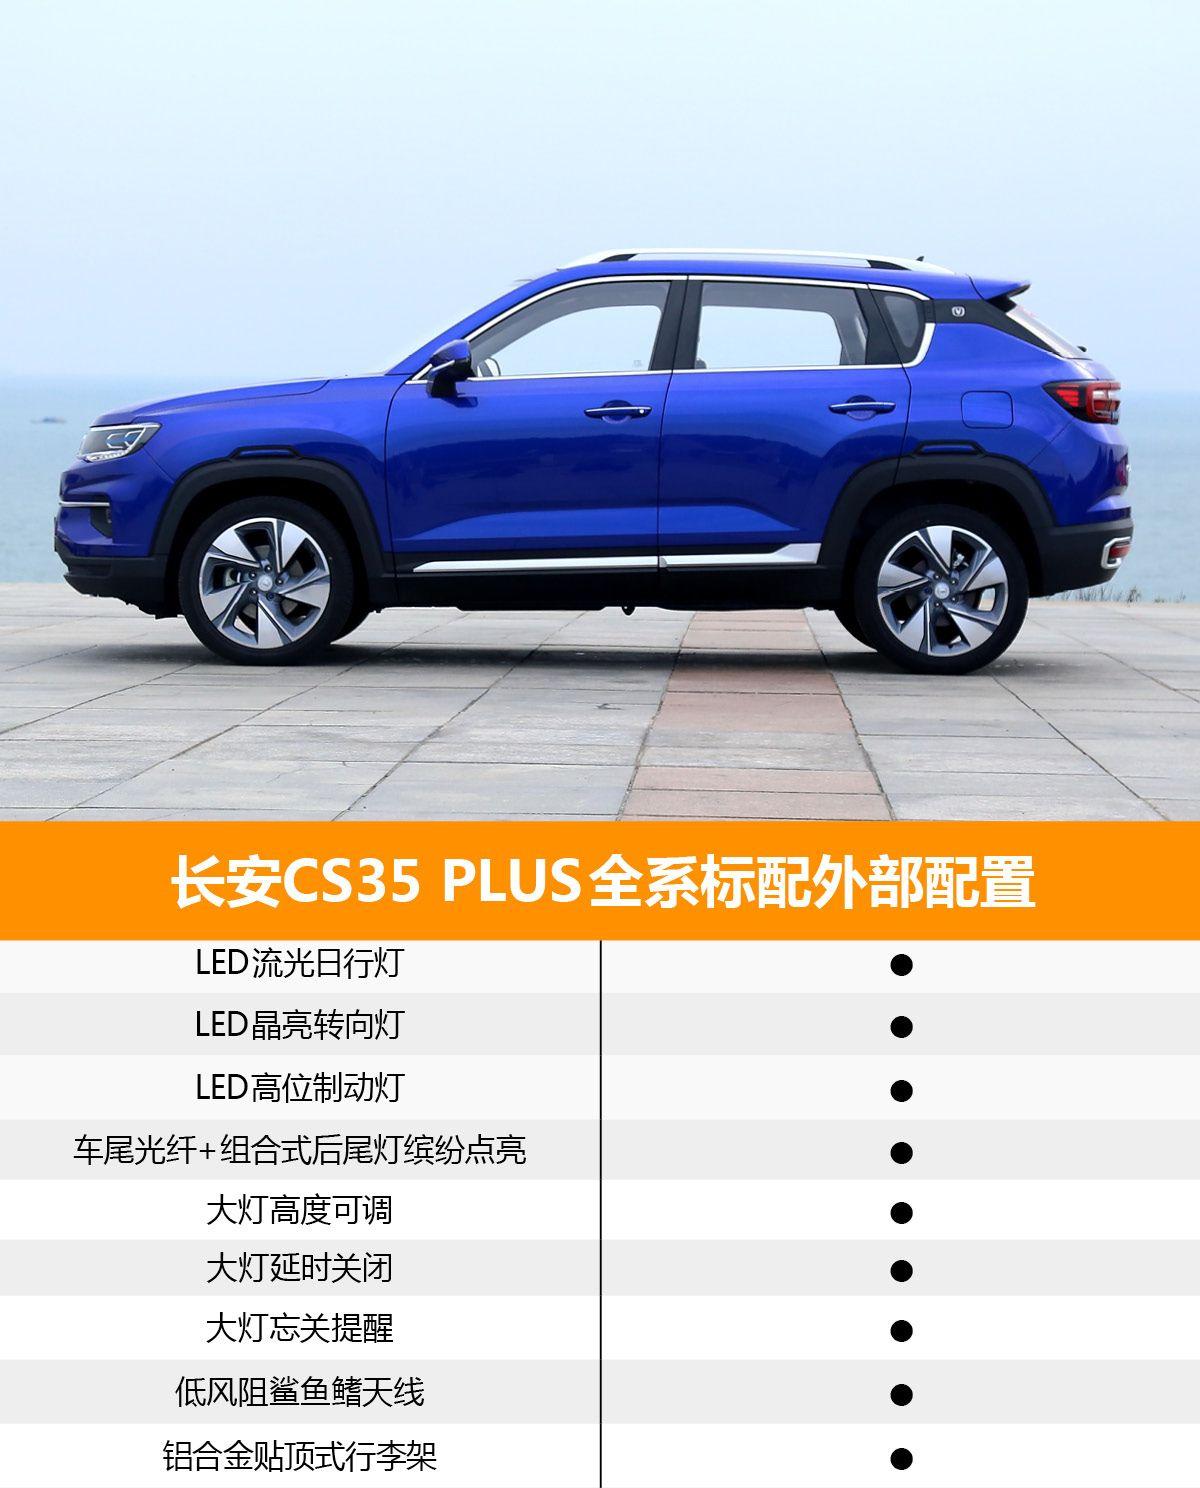 首推自动酷联型 长安CS35 PLUS购车手册